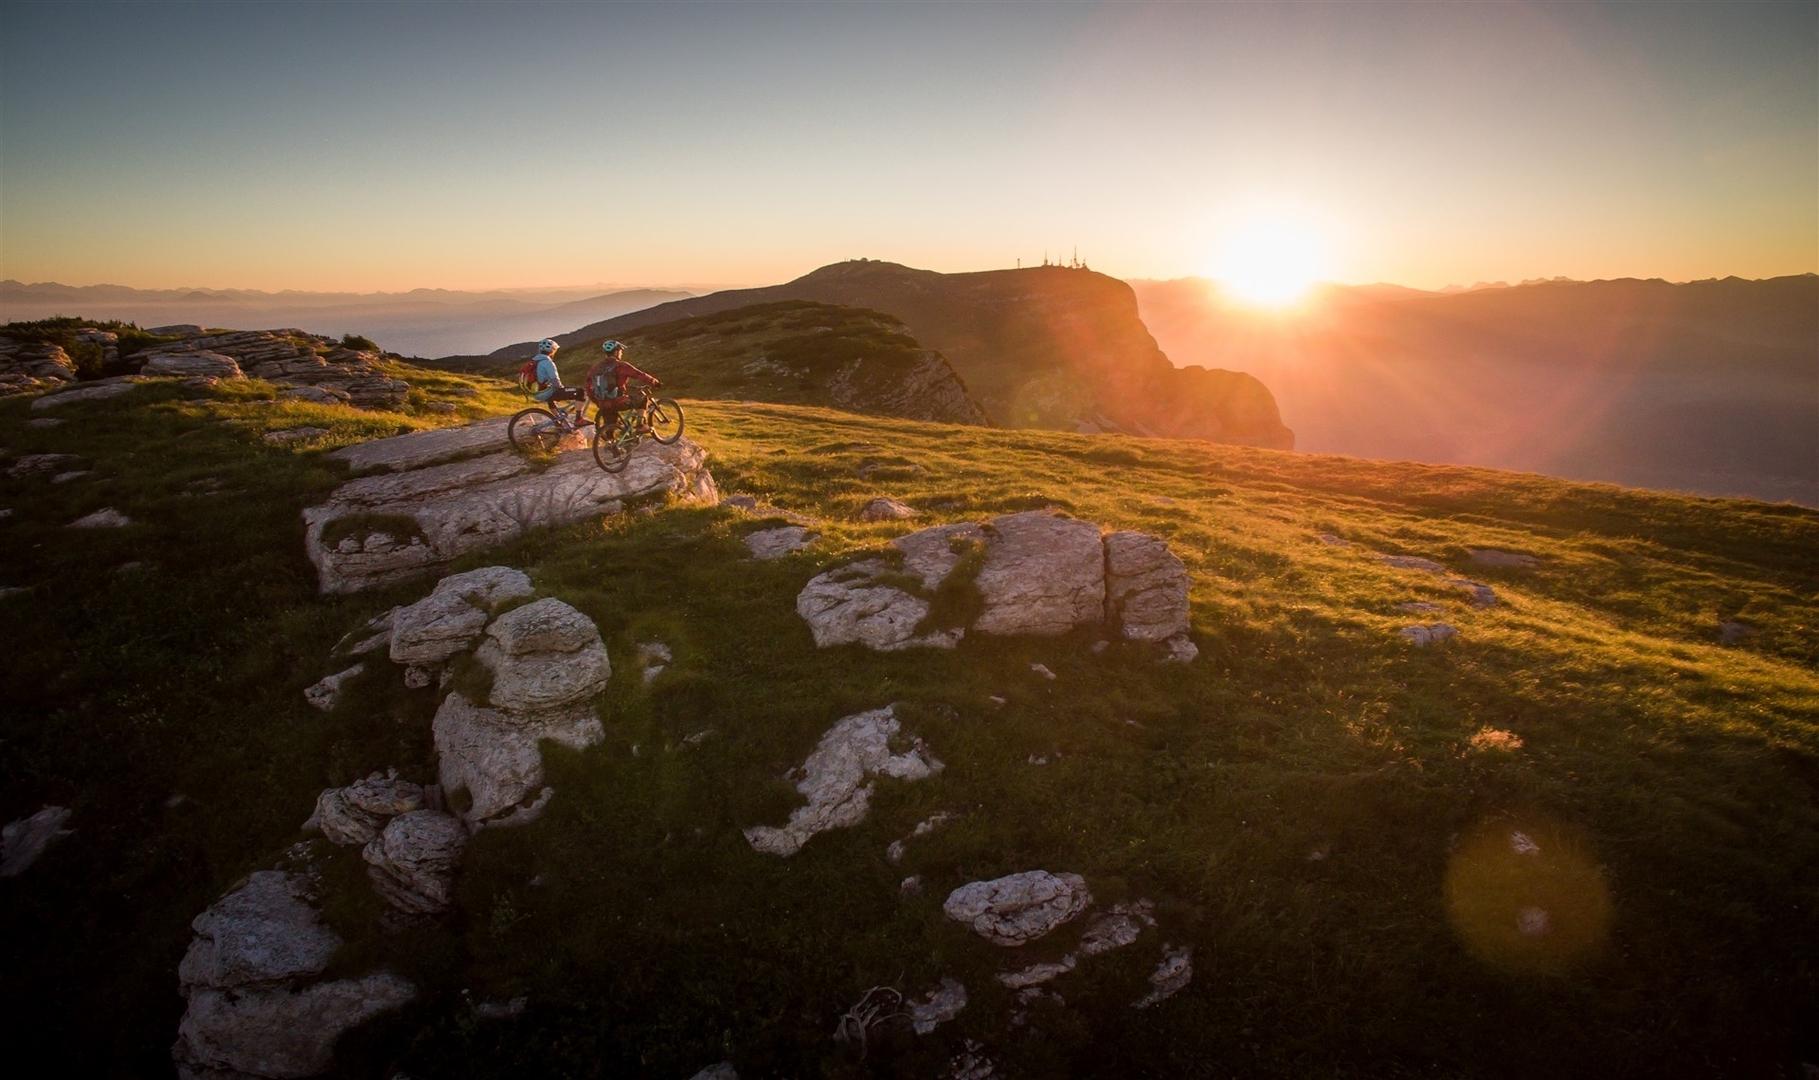 Vista epica a Dolomiti Paganella Bike